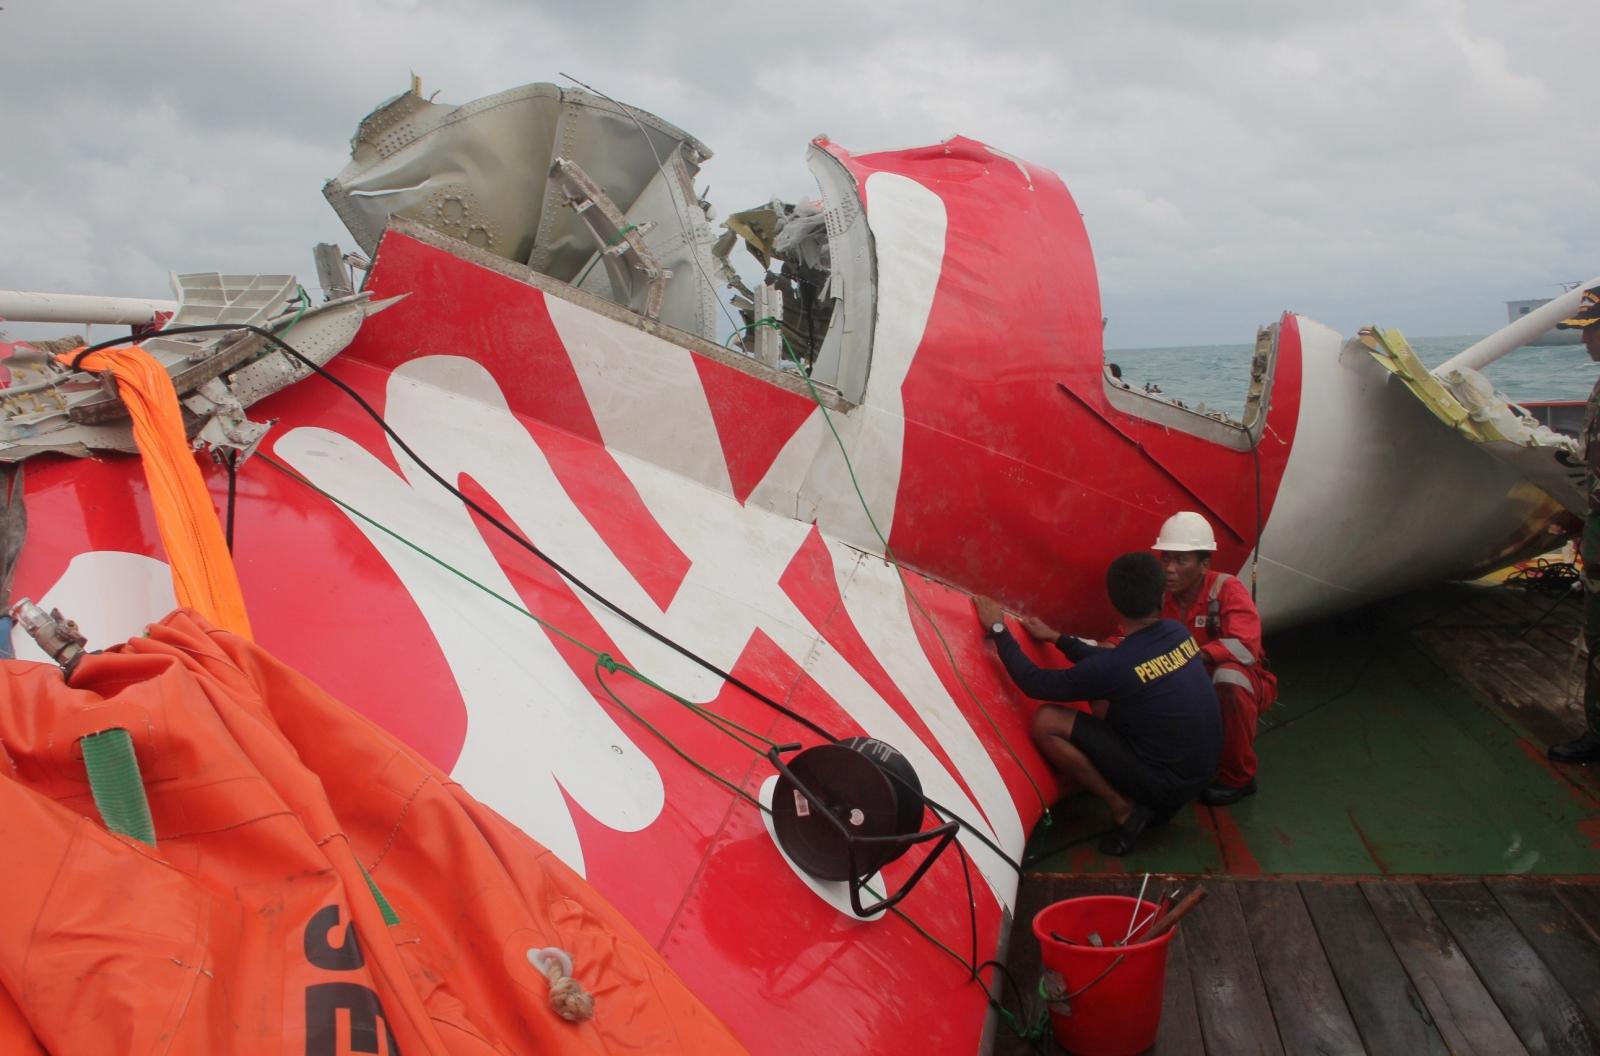 Wreckage from doomed AirAsia flight QZ8501